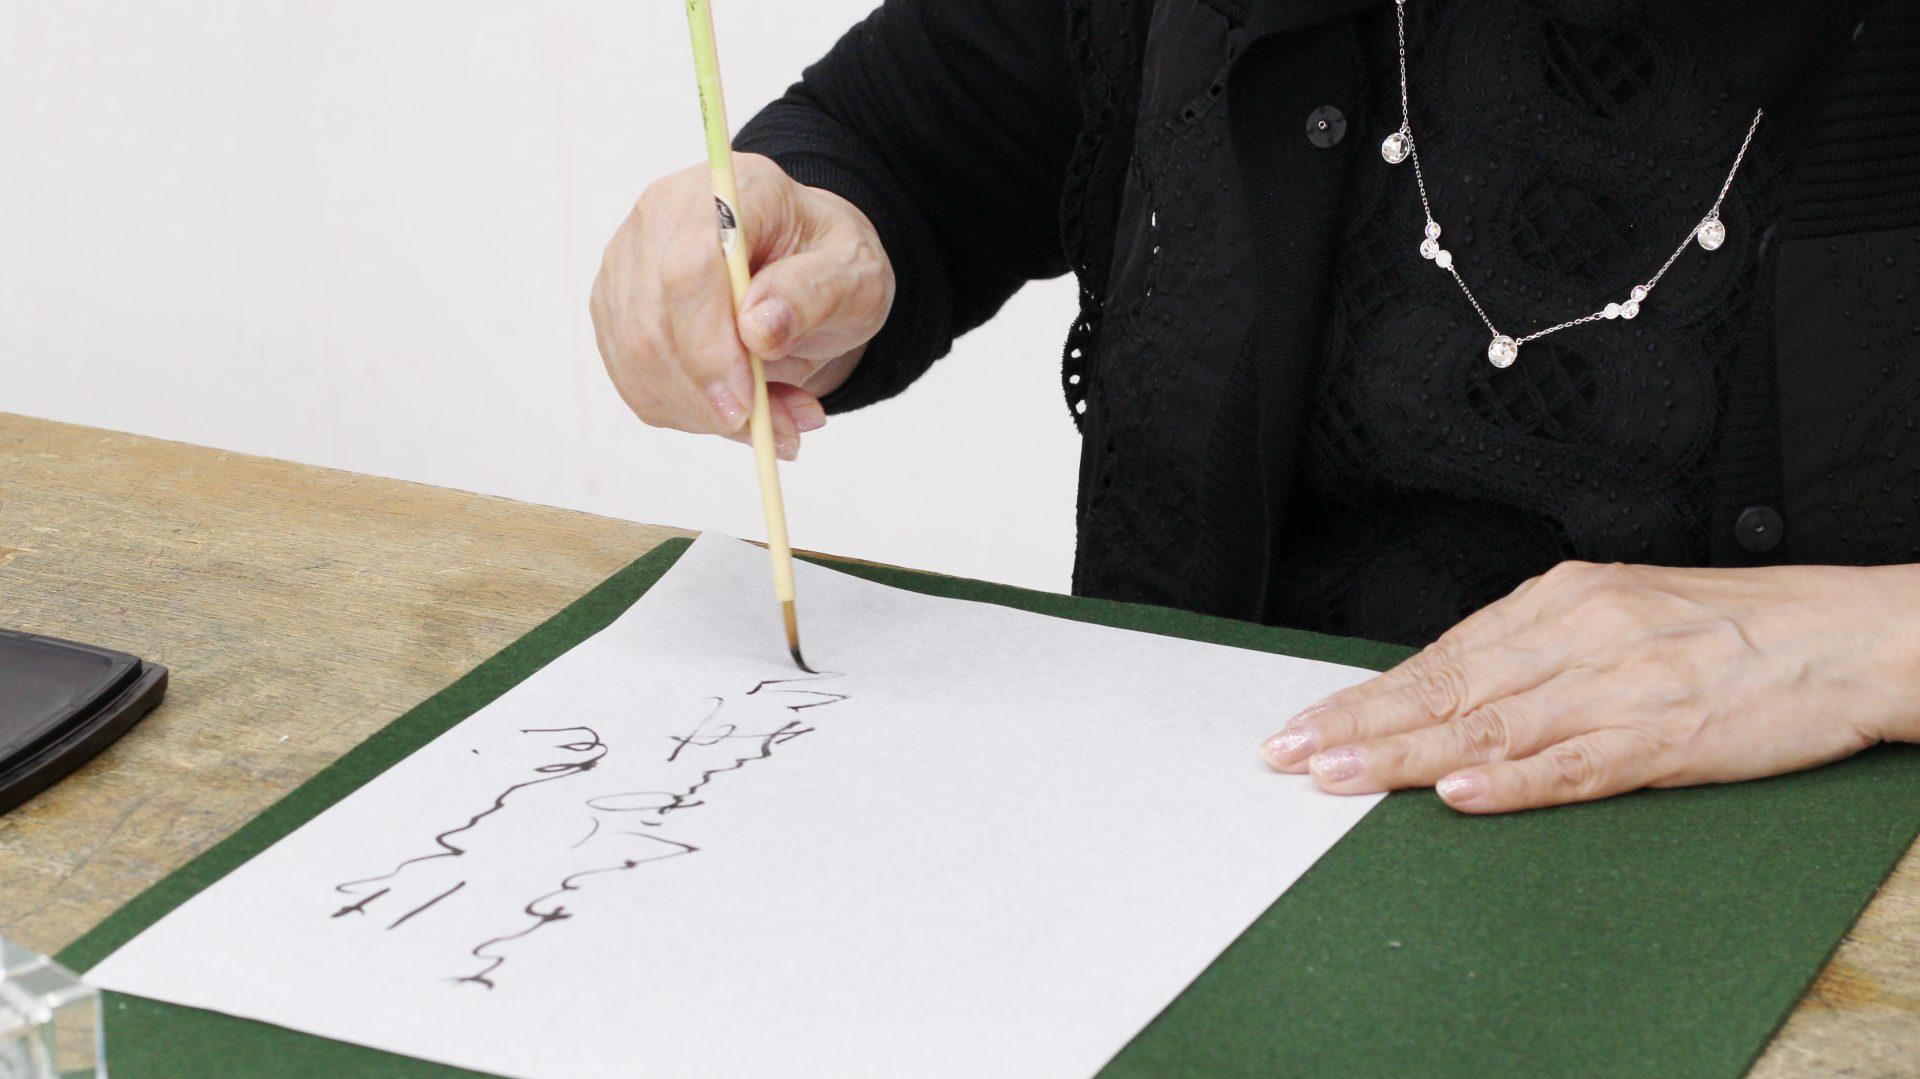 小筆・中筆・大筆。一人ひとりの「書きたいもの」を中心に、目的・レベル別のマンツーマンレッスンを行います。